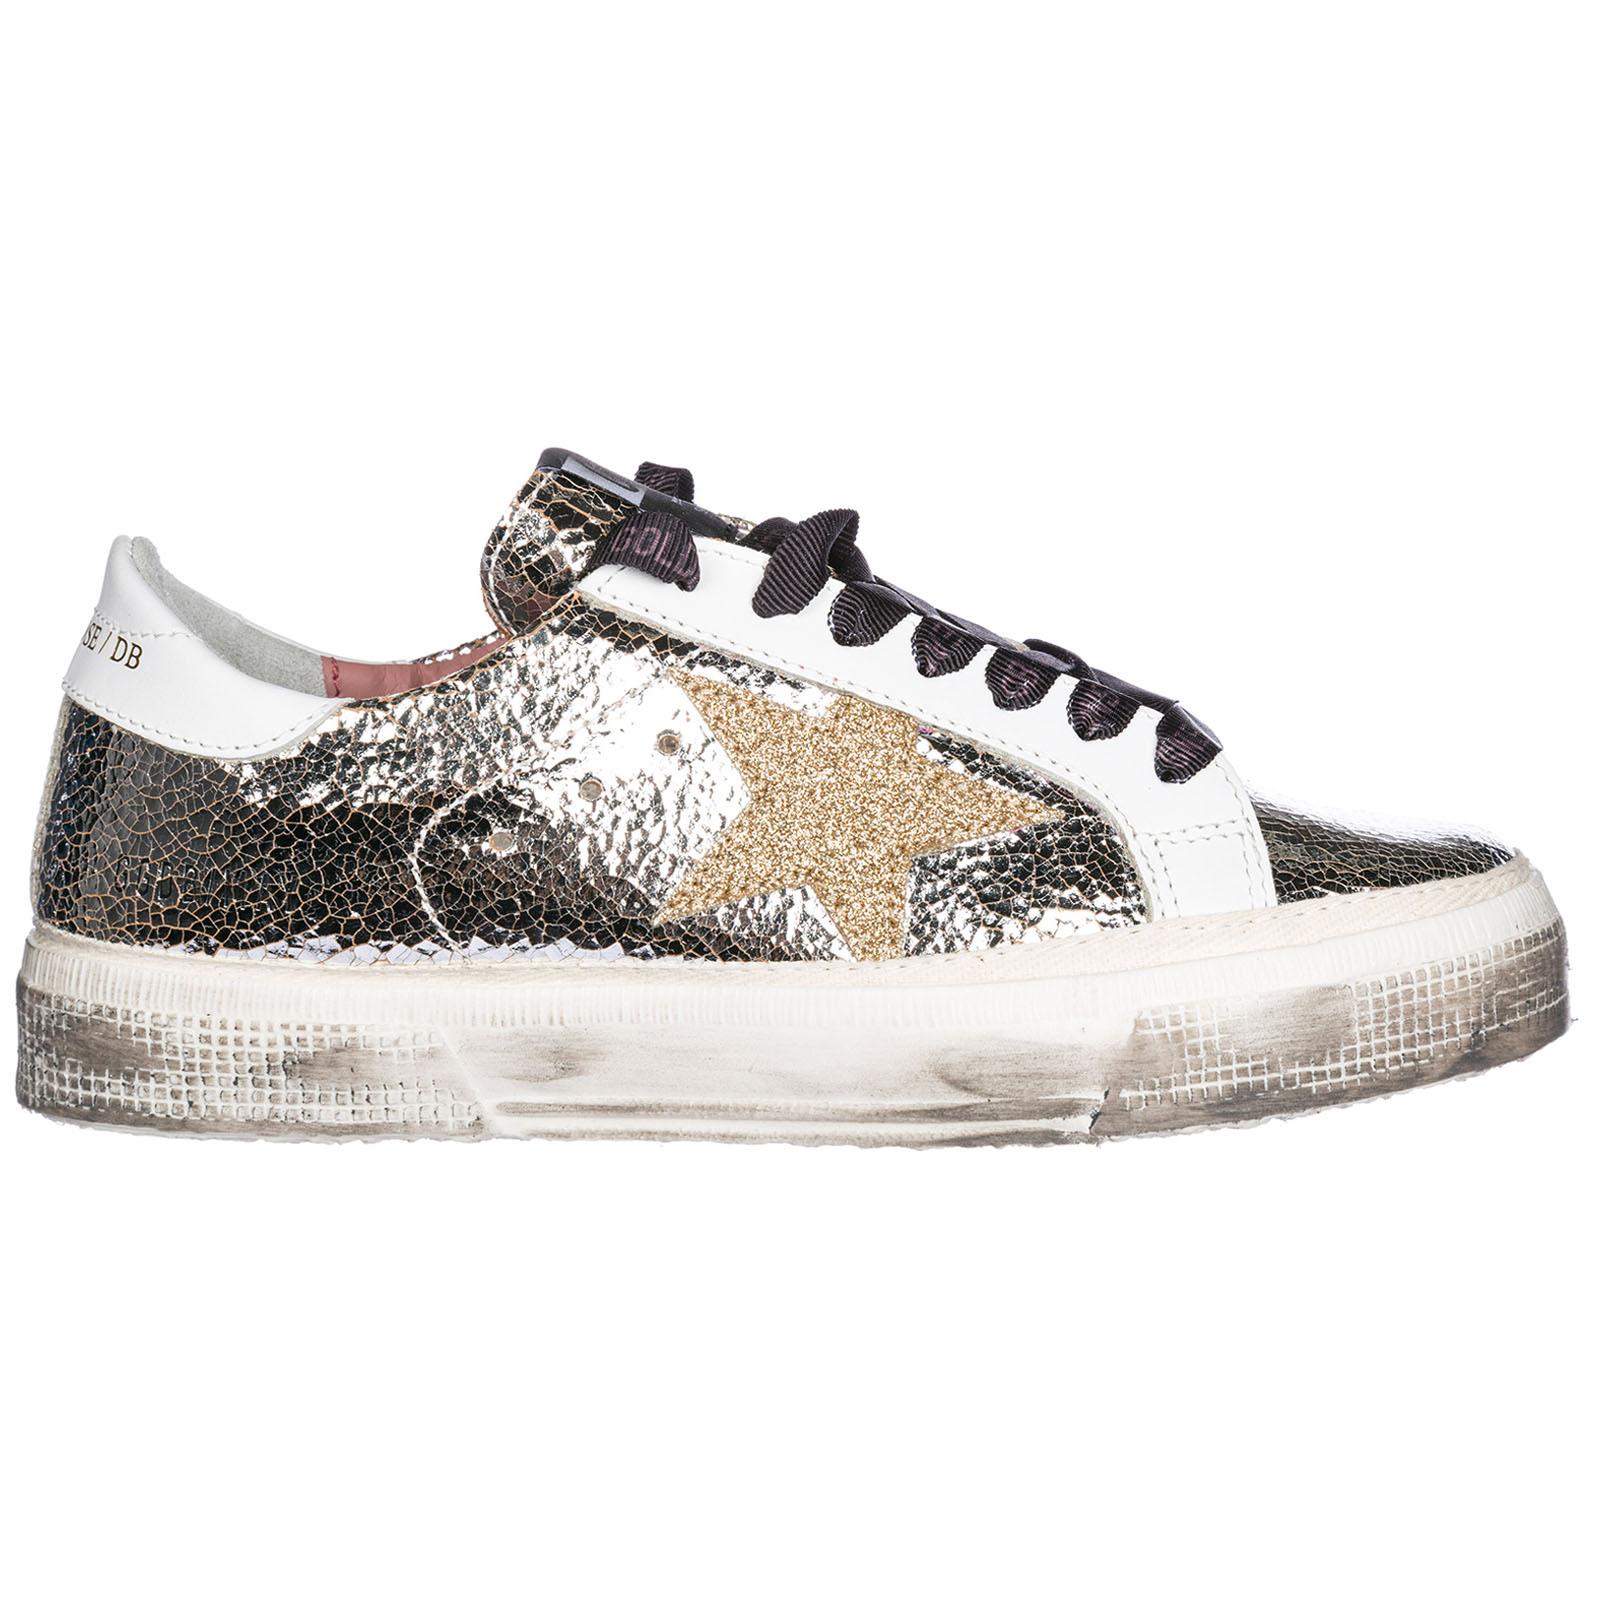 117c9af8c75db4 Sneakers Golden Goose G32WS127.I6 silver crash - gold star